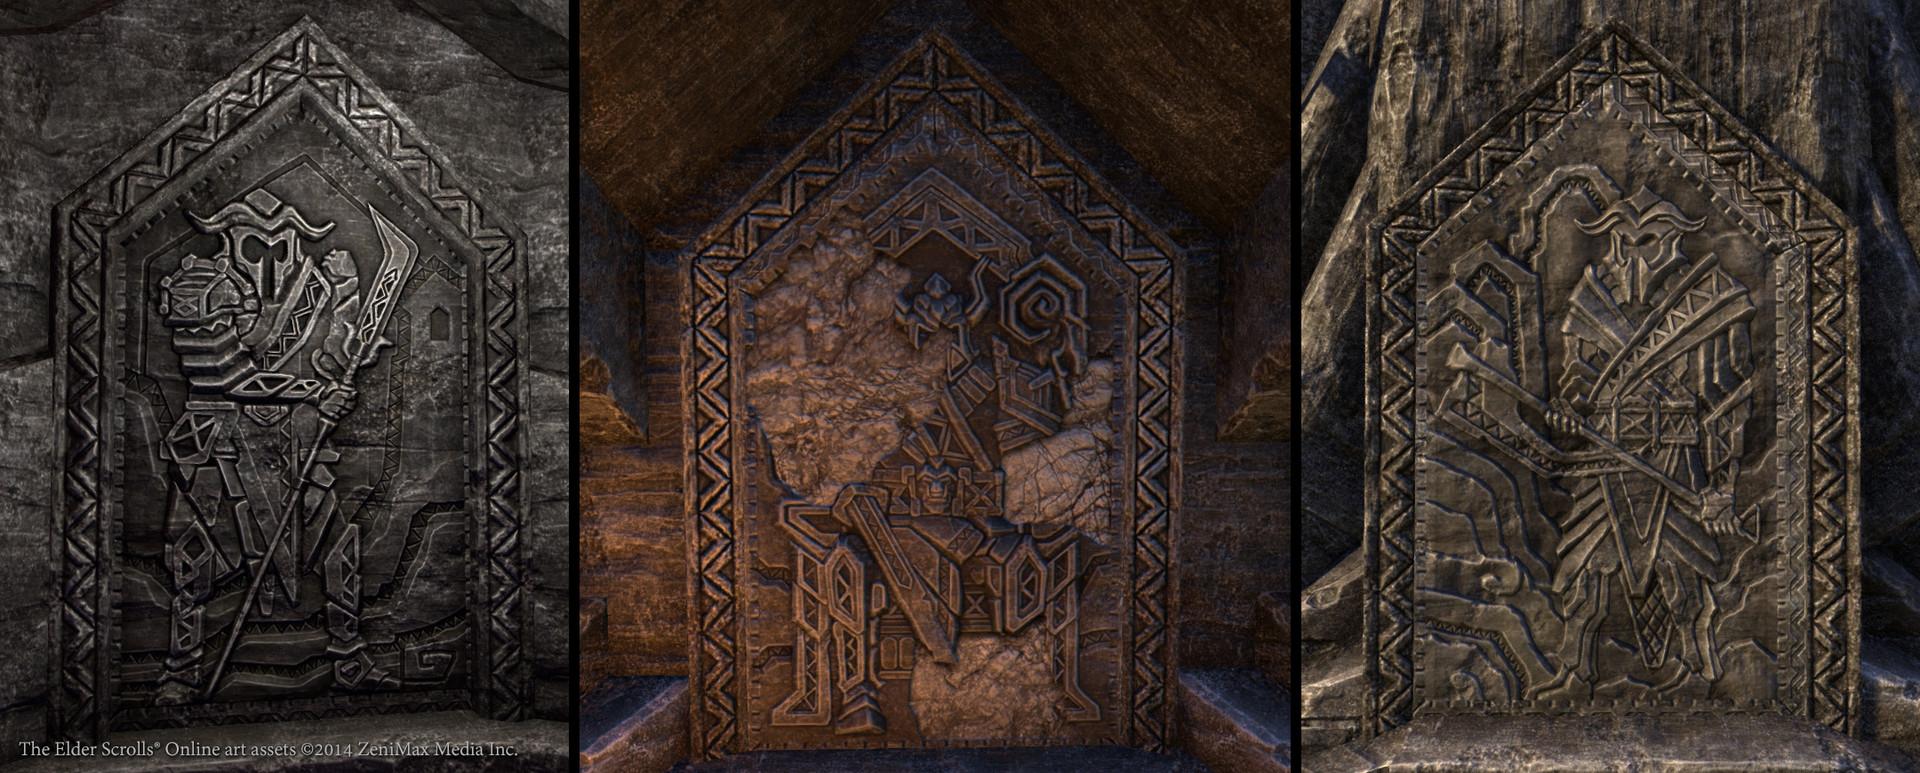 Wrothgar bas reliefs